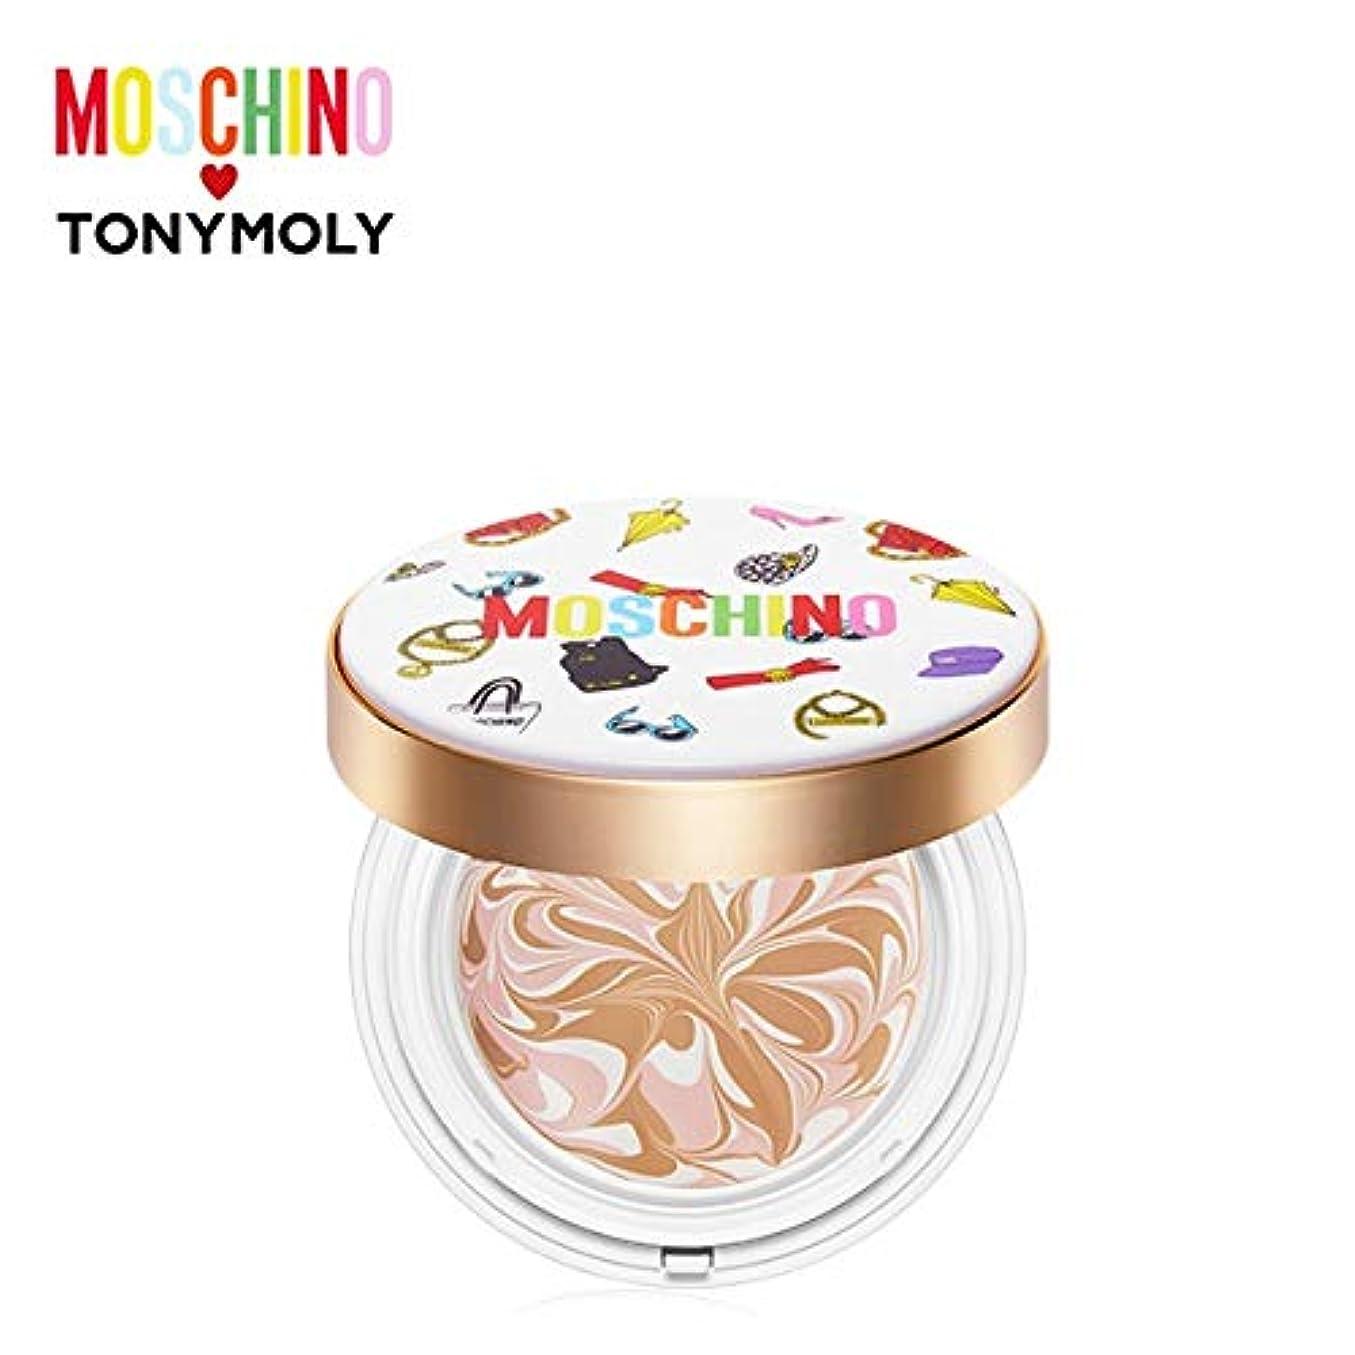 拍車アームストロングファランクストニーモリー [モスキーノ] シック スキン エッセンス パクト 18g TONYMOLY [MOSCHINO] Chic Skin Essence Pact #02 CHIC BEIGE [並行輸入品]